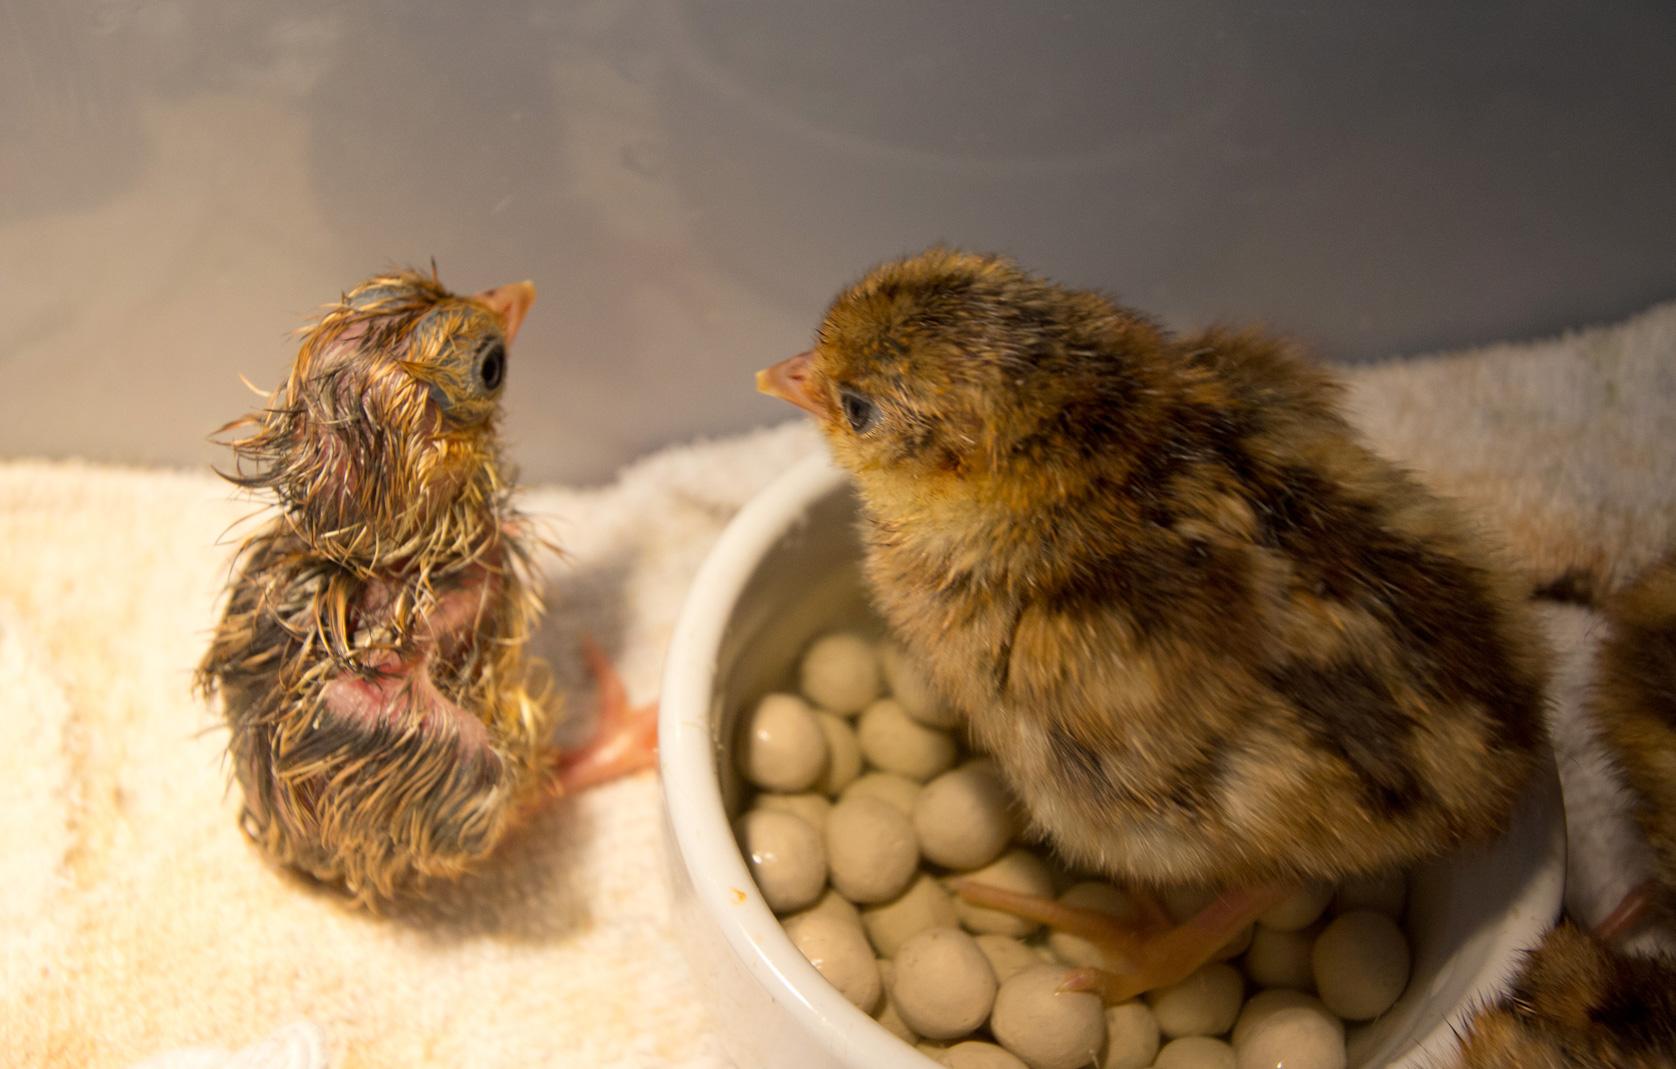 pheasantchicks-3651